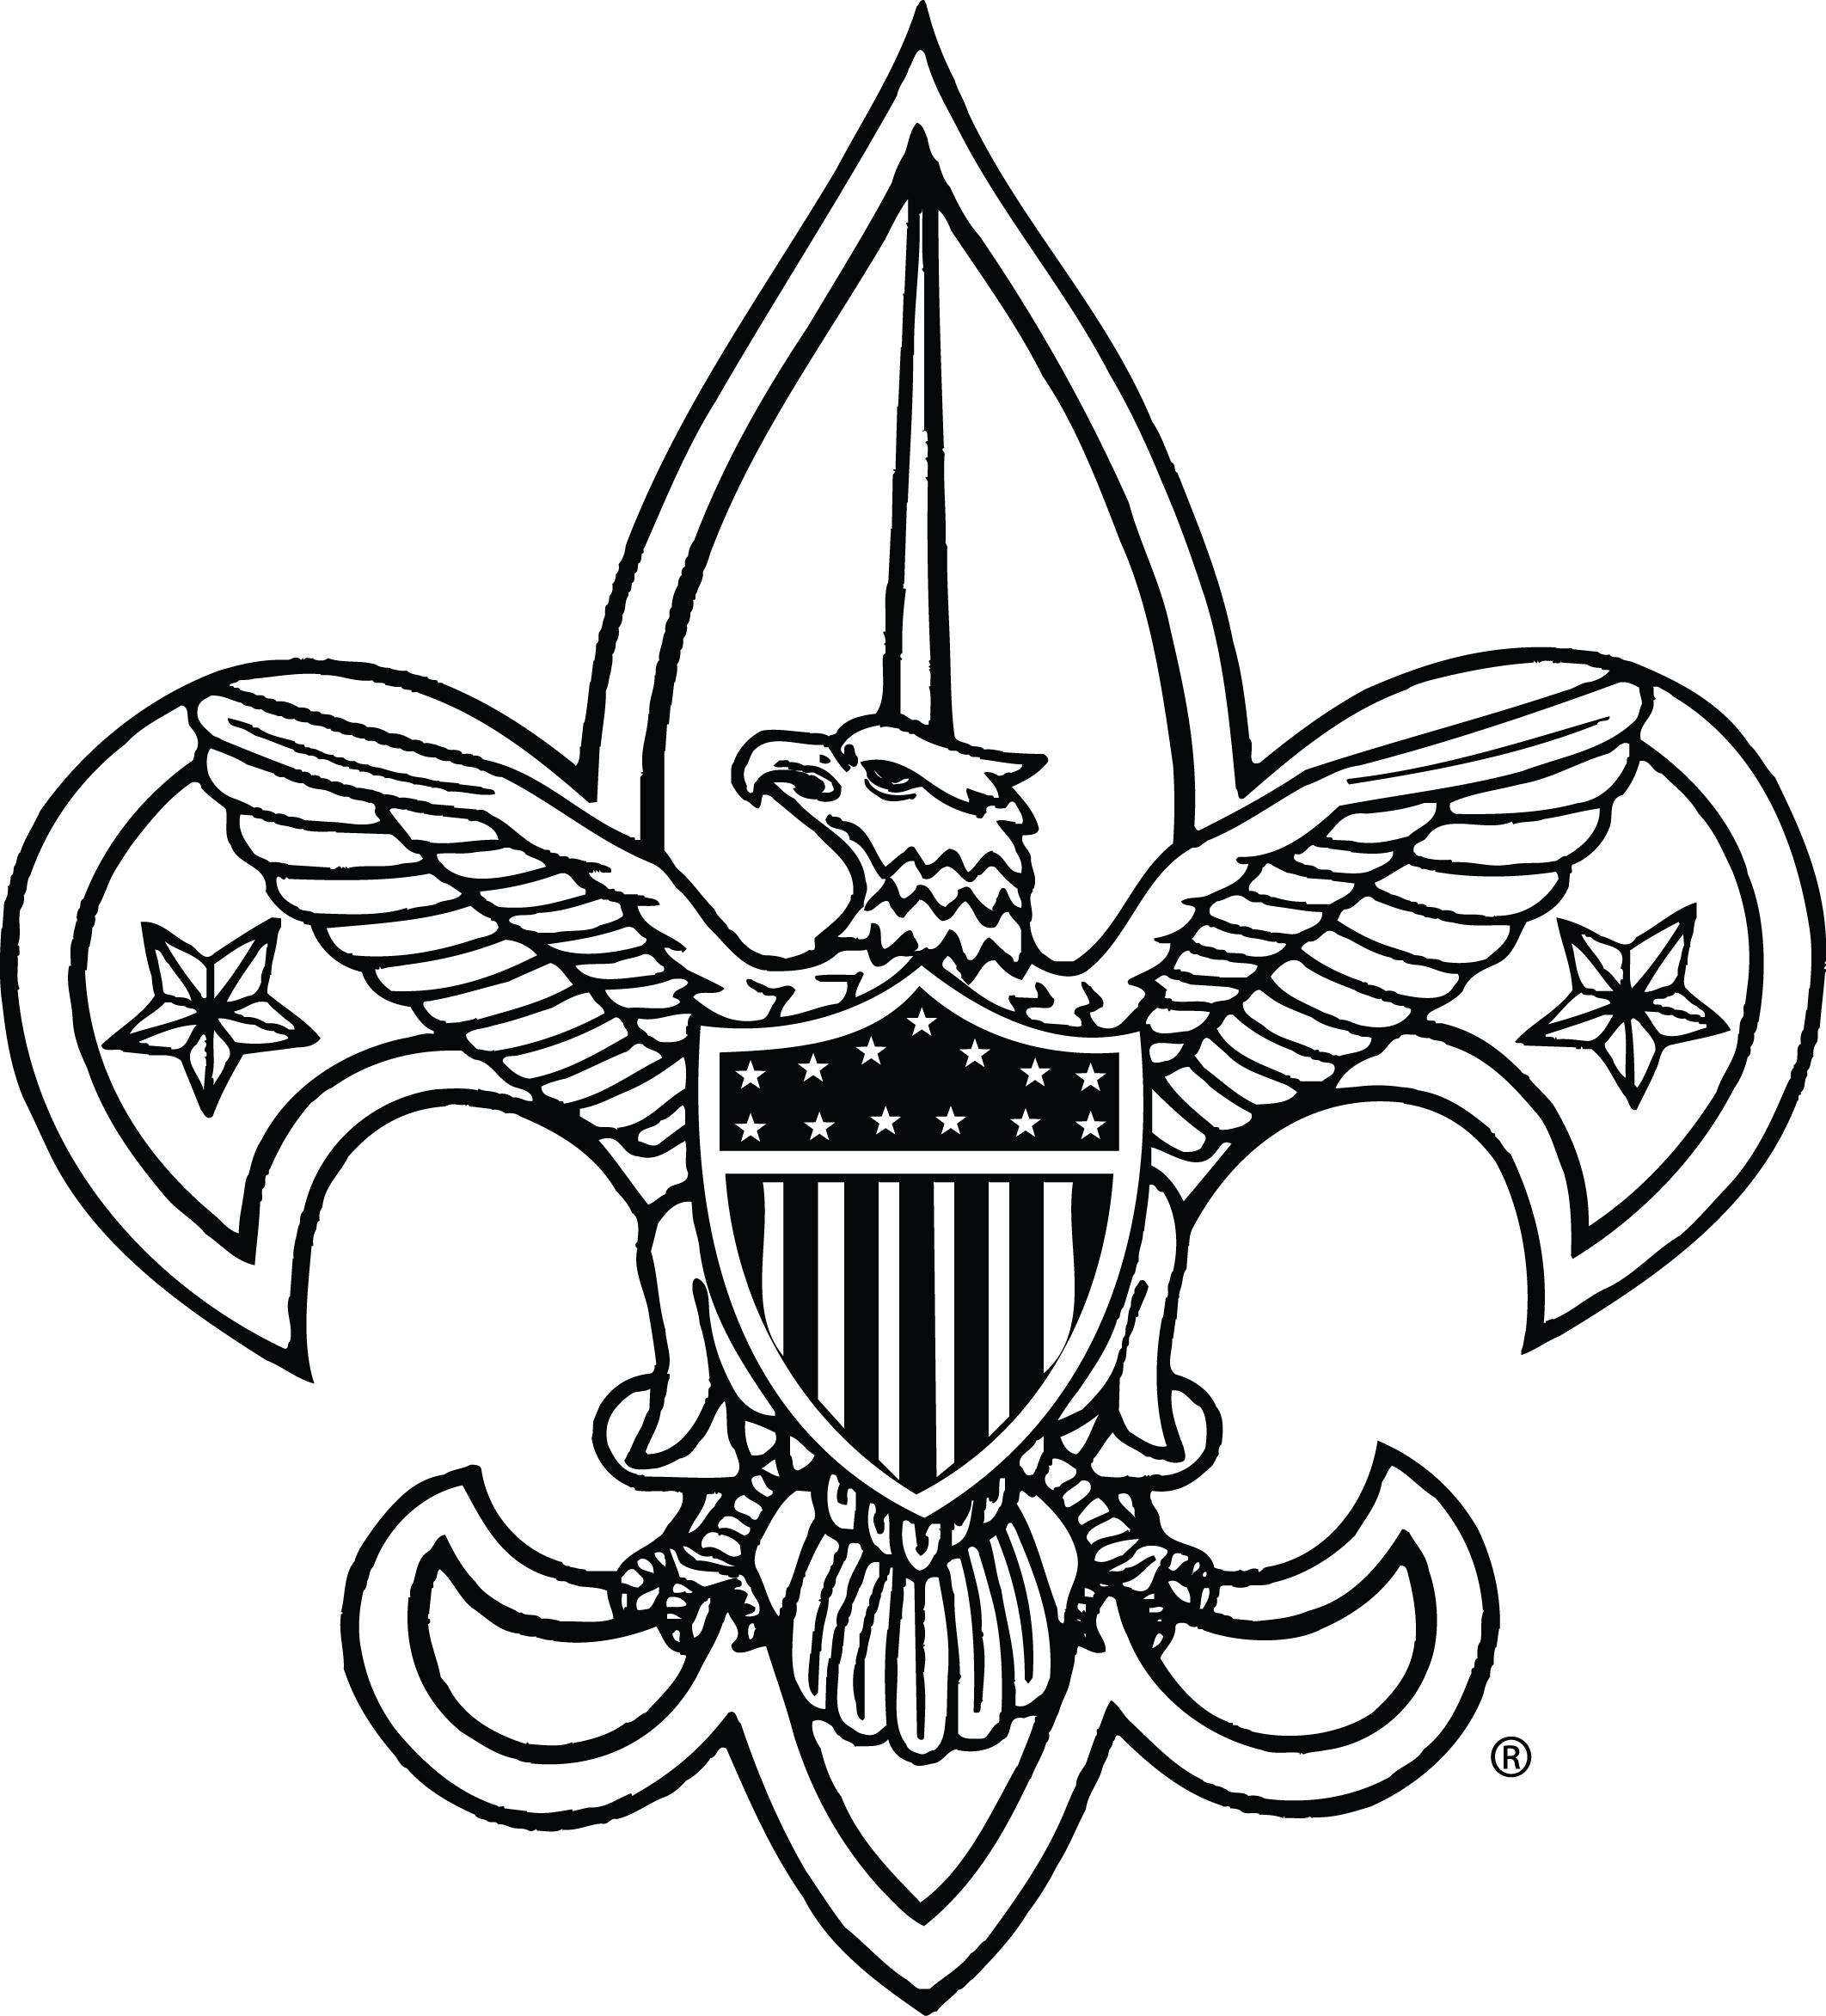 boy scout symbol clipart best